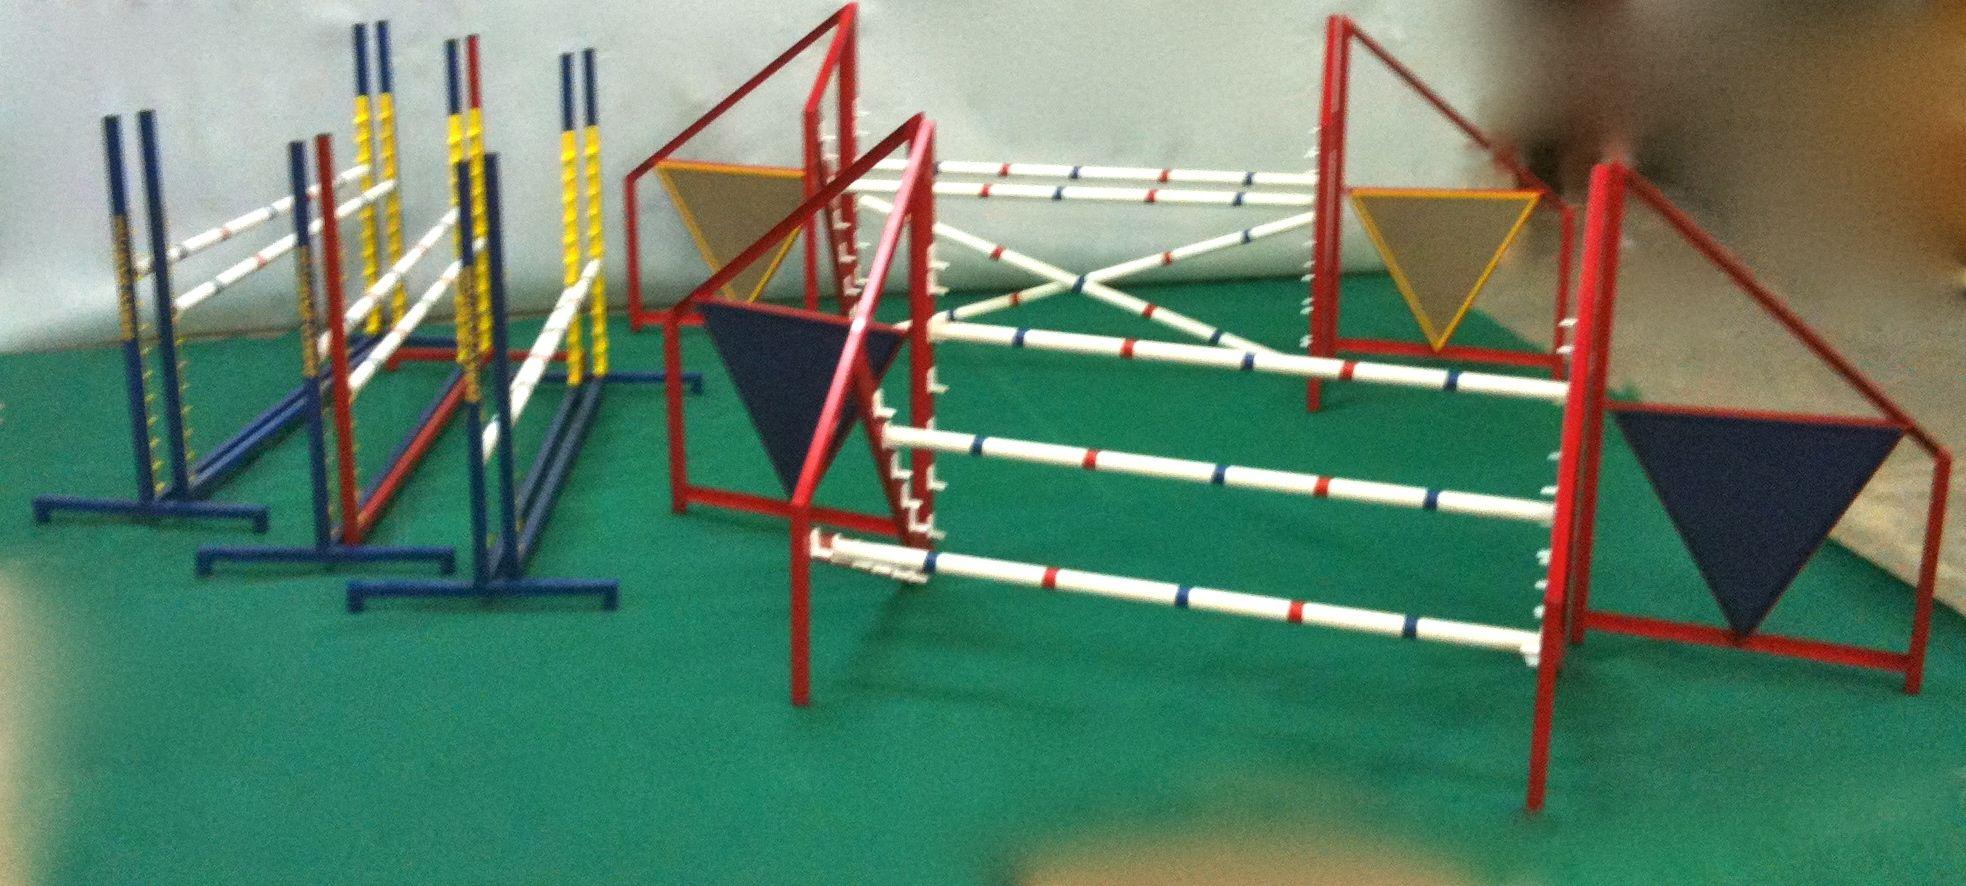 how to build an agility jump